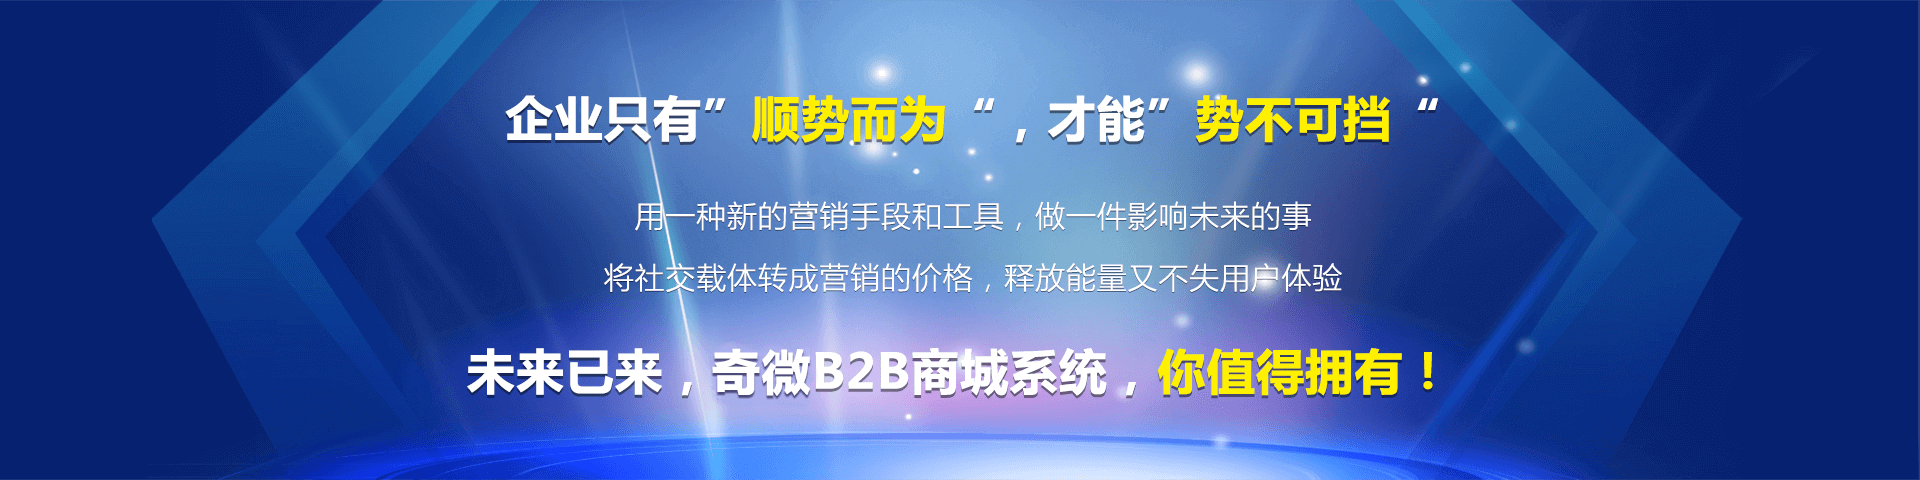 奇微B2B商城系统欧宝体育网址